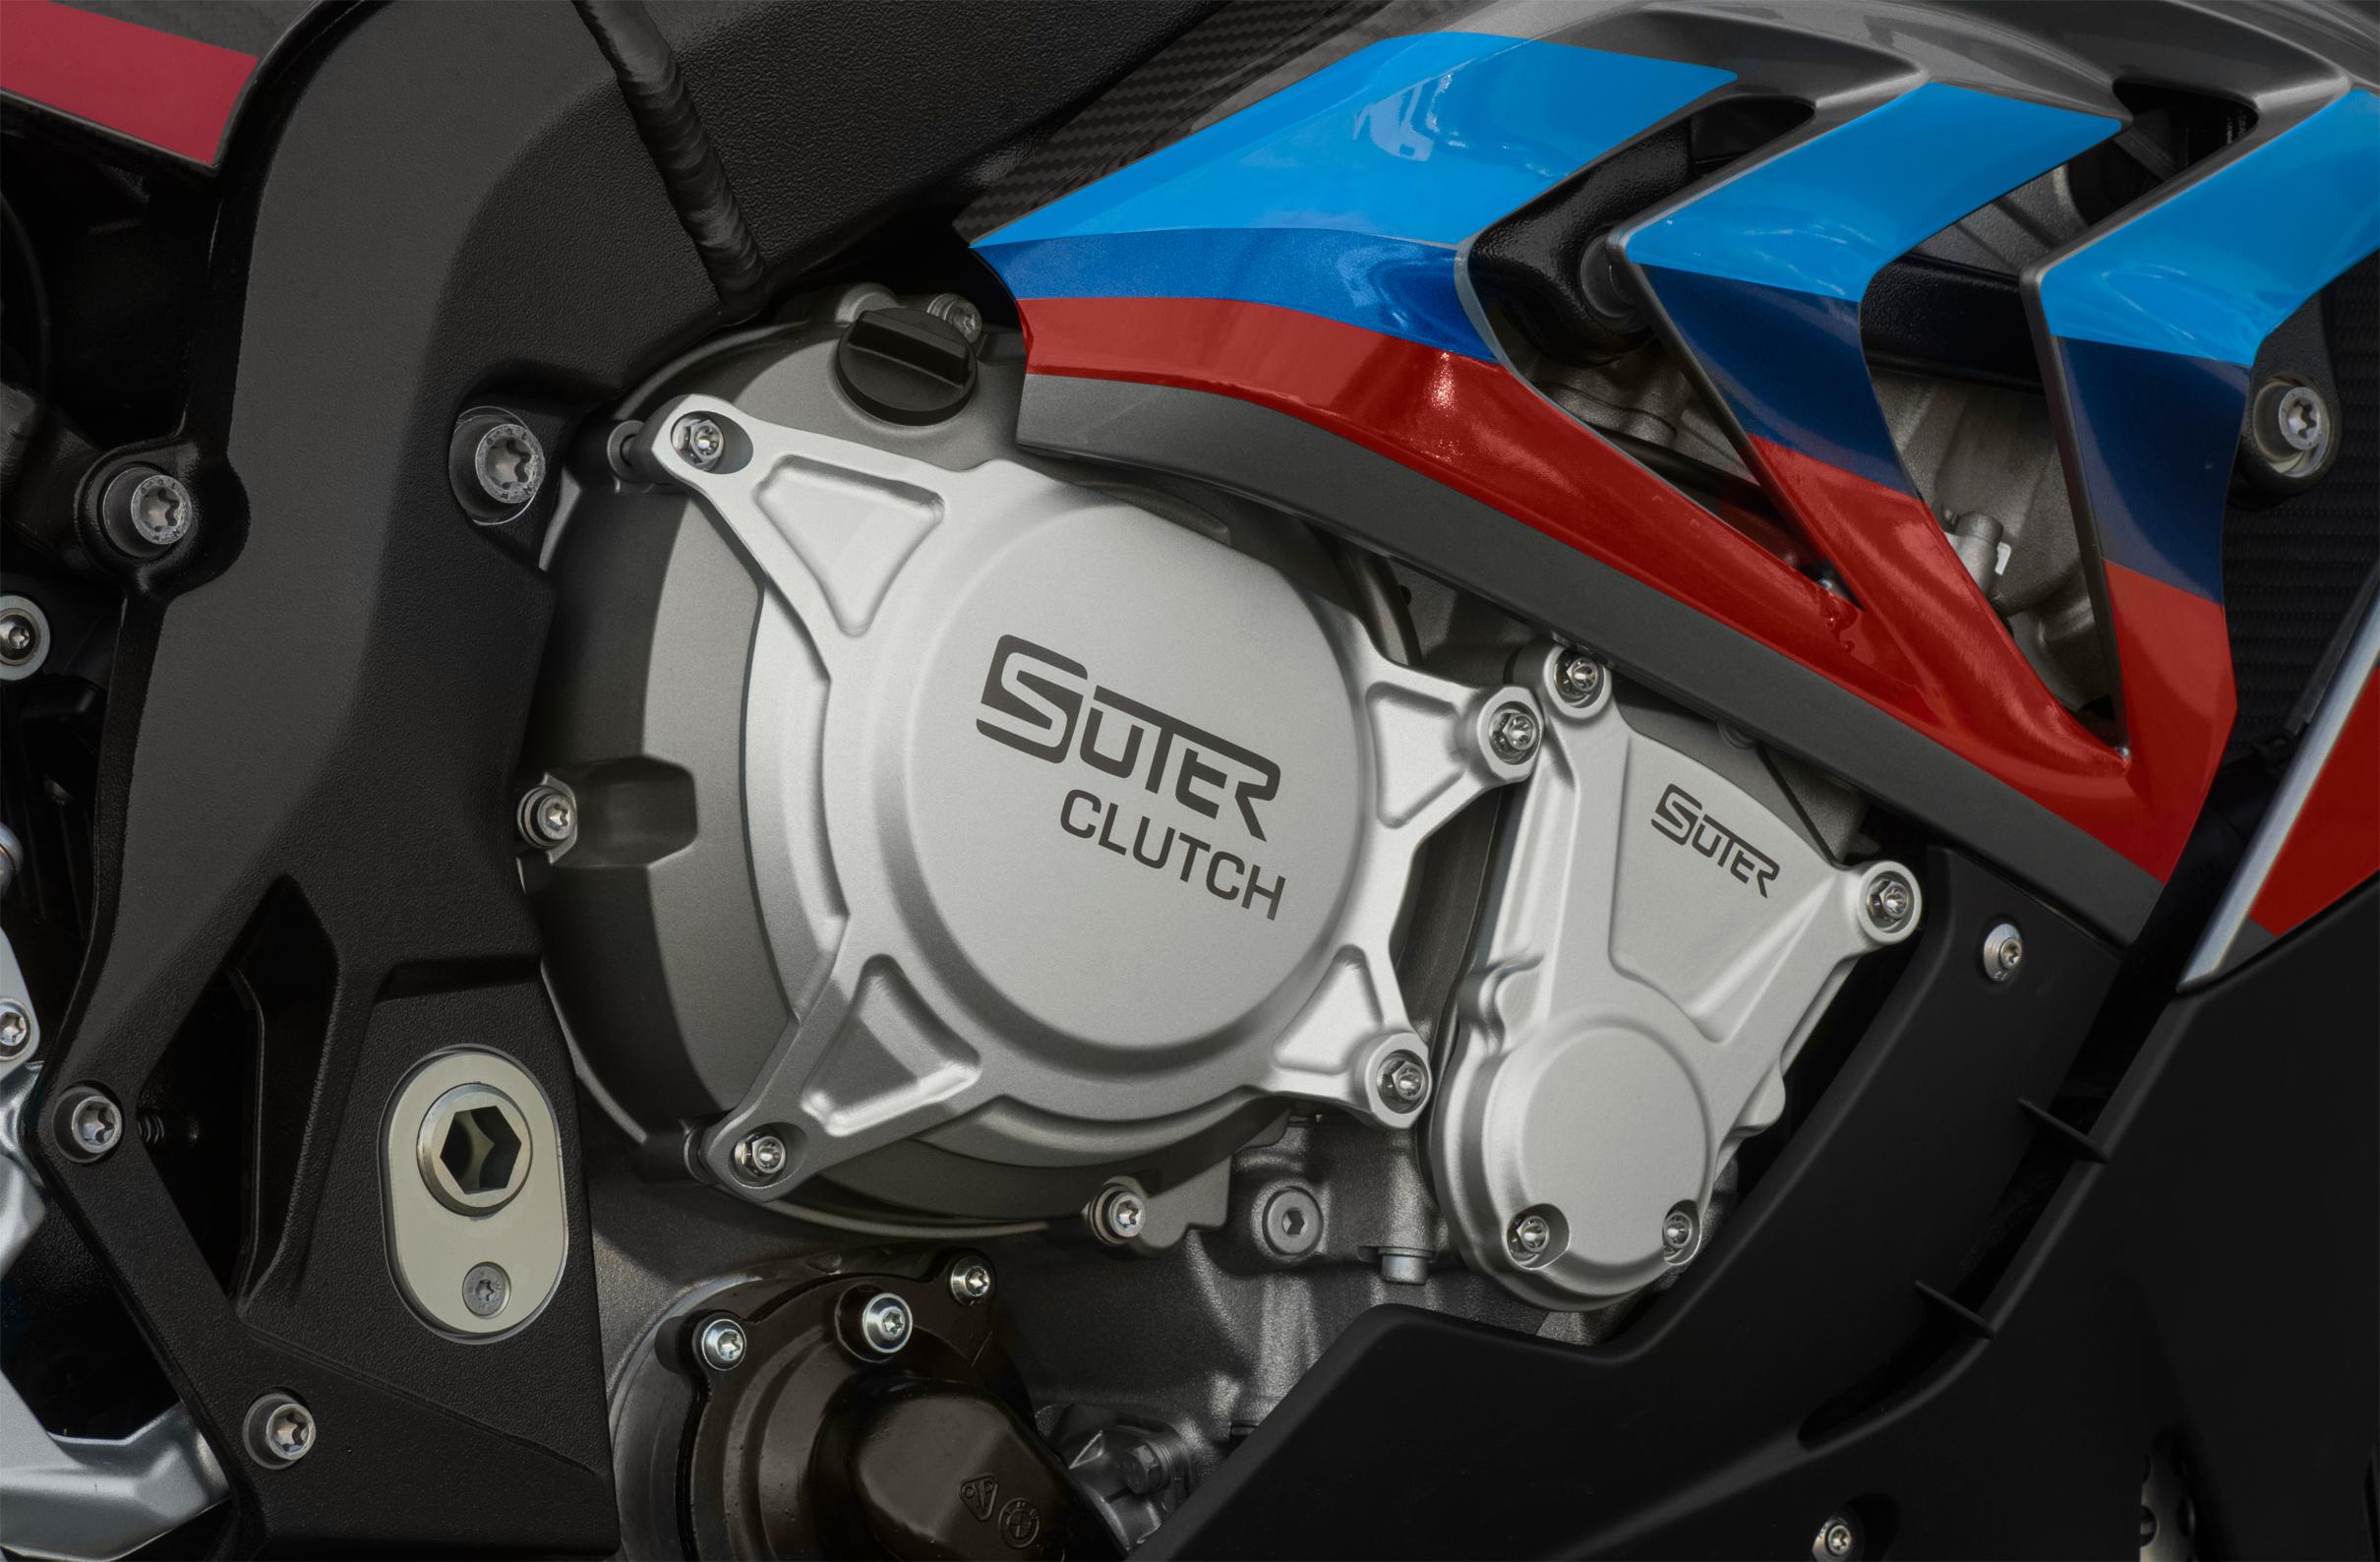 SUTER スータースリッパークラッチ BMW S1000RR/R/HP4 ビレット エンジンクラッチ2次カバープロテクター